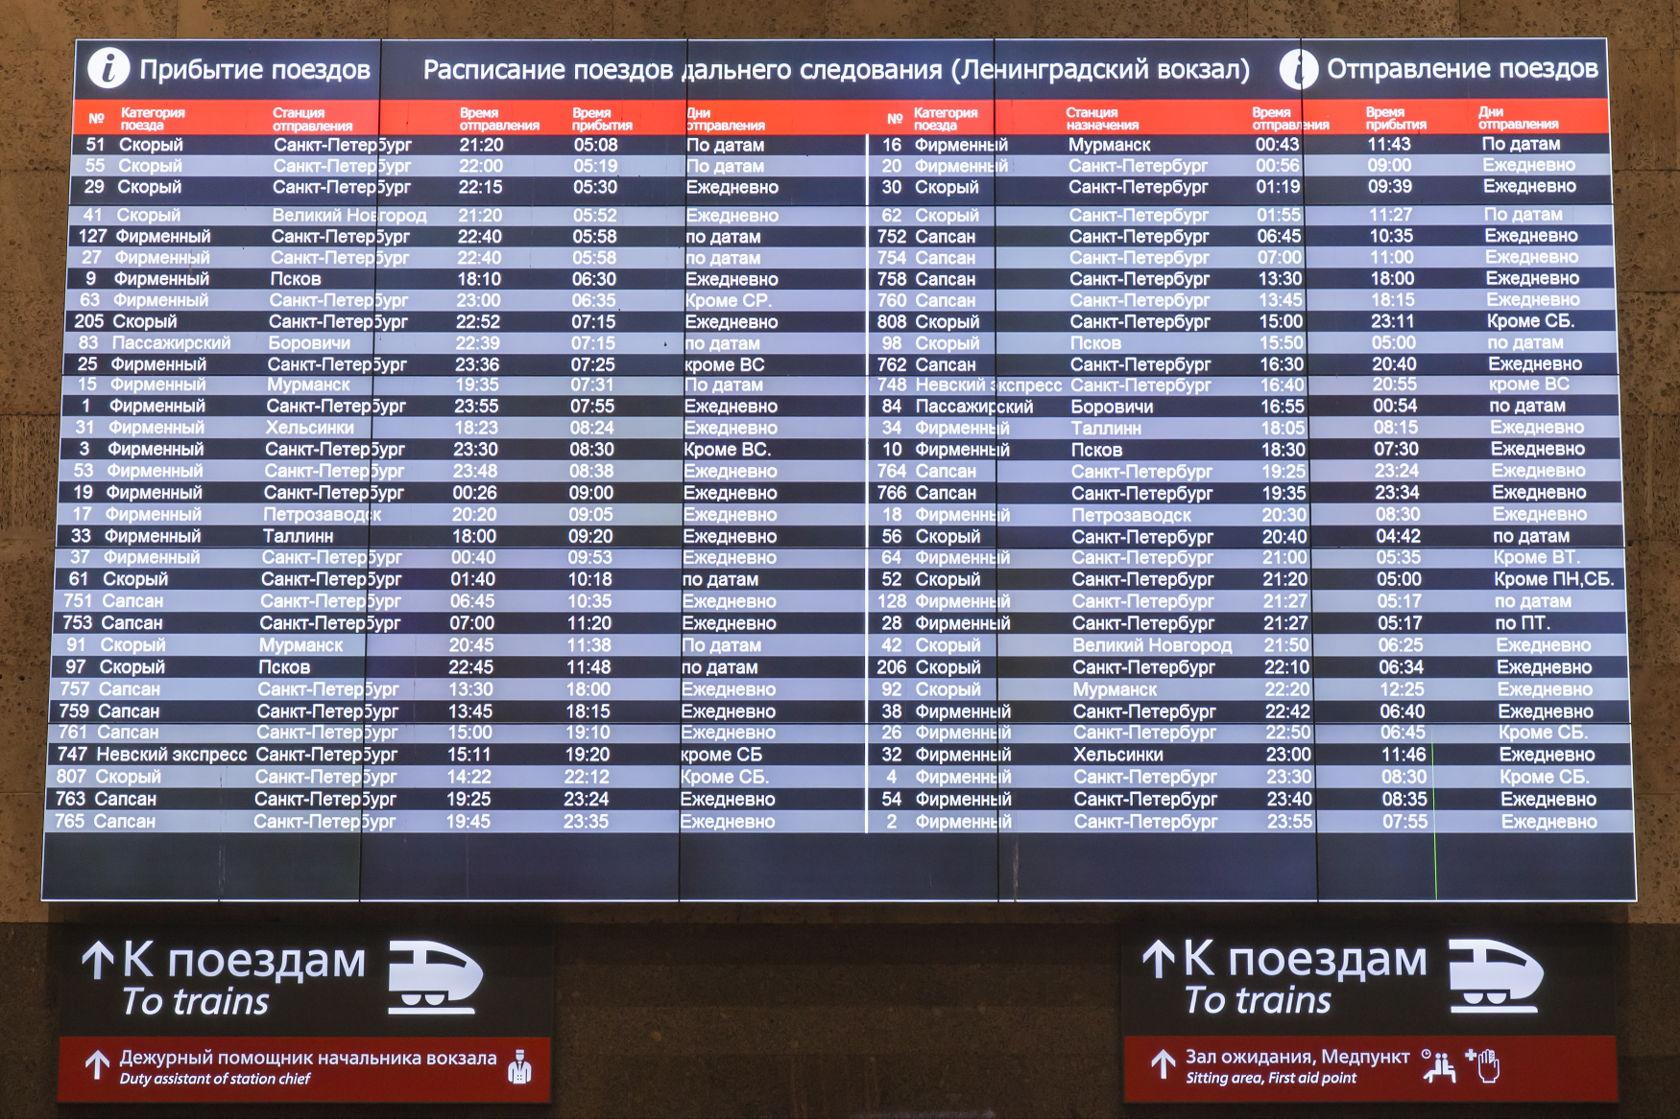 Tele2 в Москве: тестируем сеть нового оператора - 5